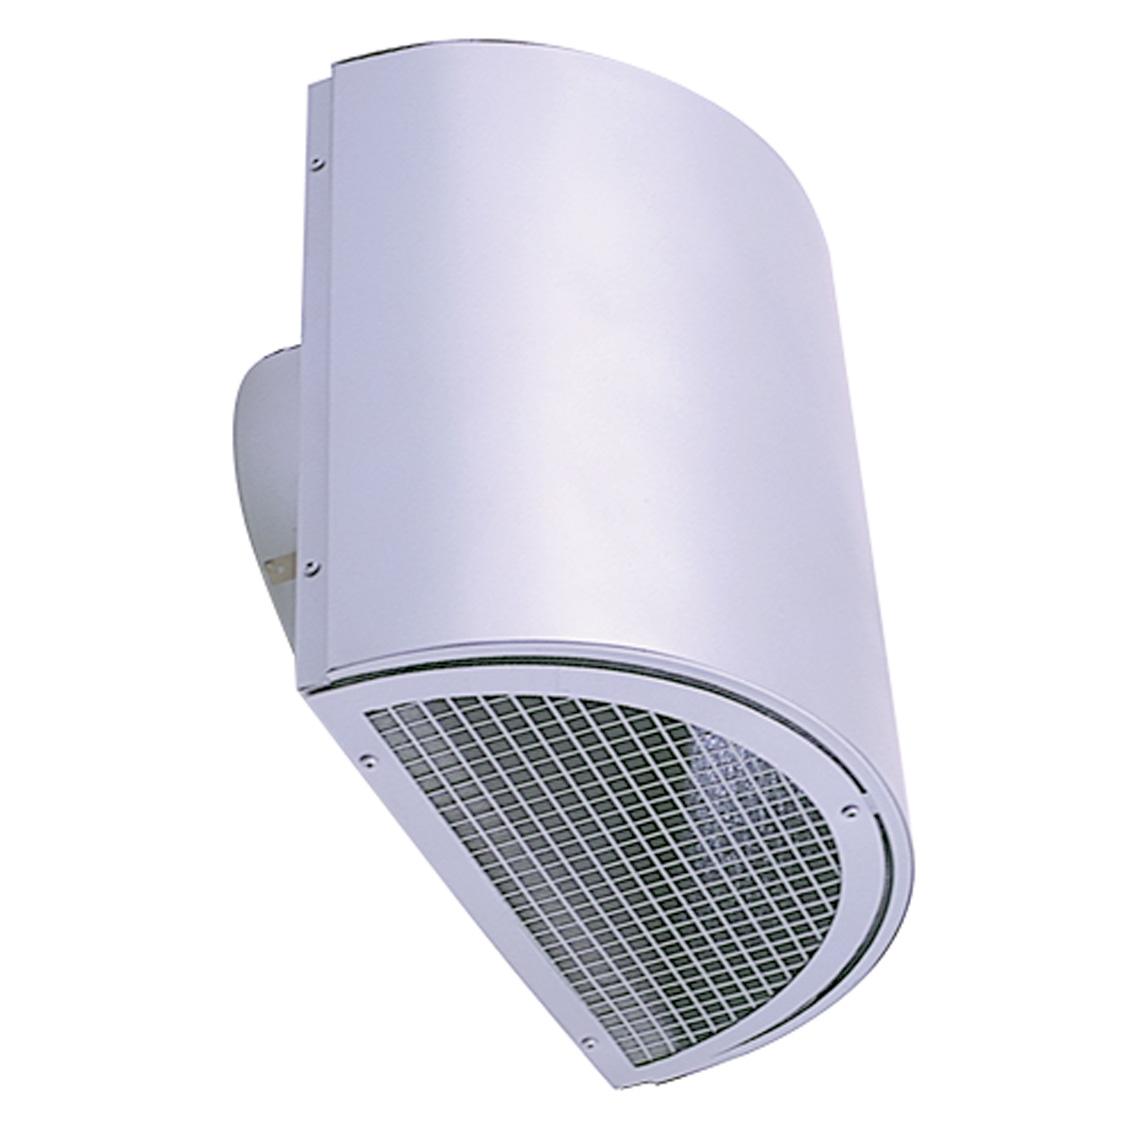 西邦工業 SEIHO NFN125BS 受注生産 防音型製品(ステンレス製換気口) 金網型3メッシュ 防音タイプ